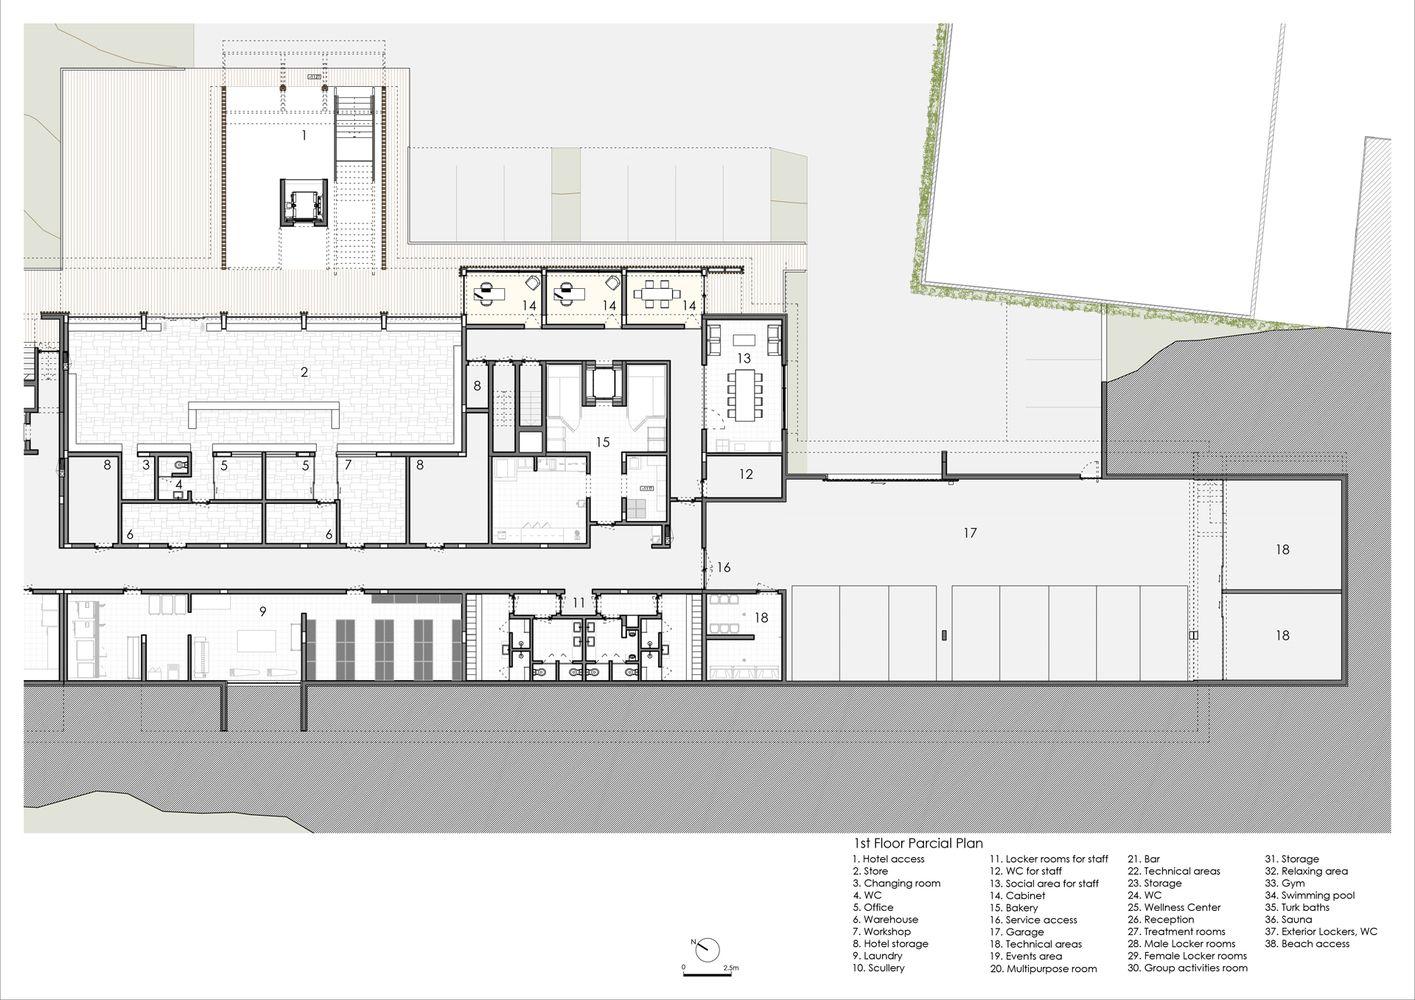 Gallery Of Feelviana Hotel Carlos Castanheira 30 Hotel Urban Planning Floor Plans